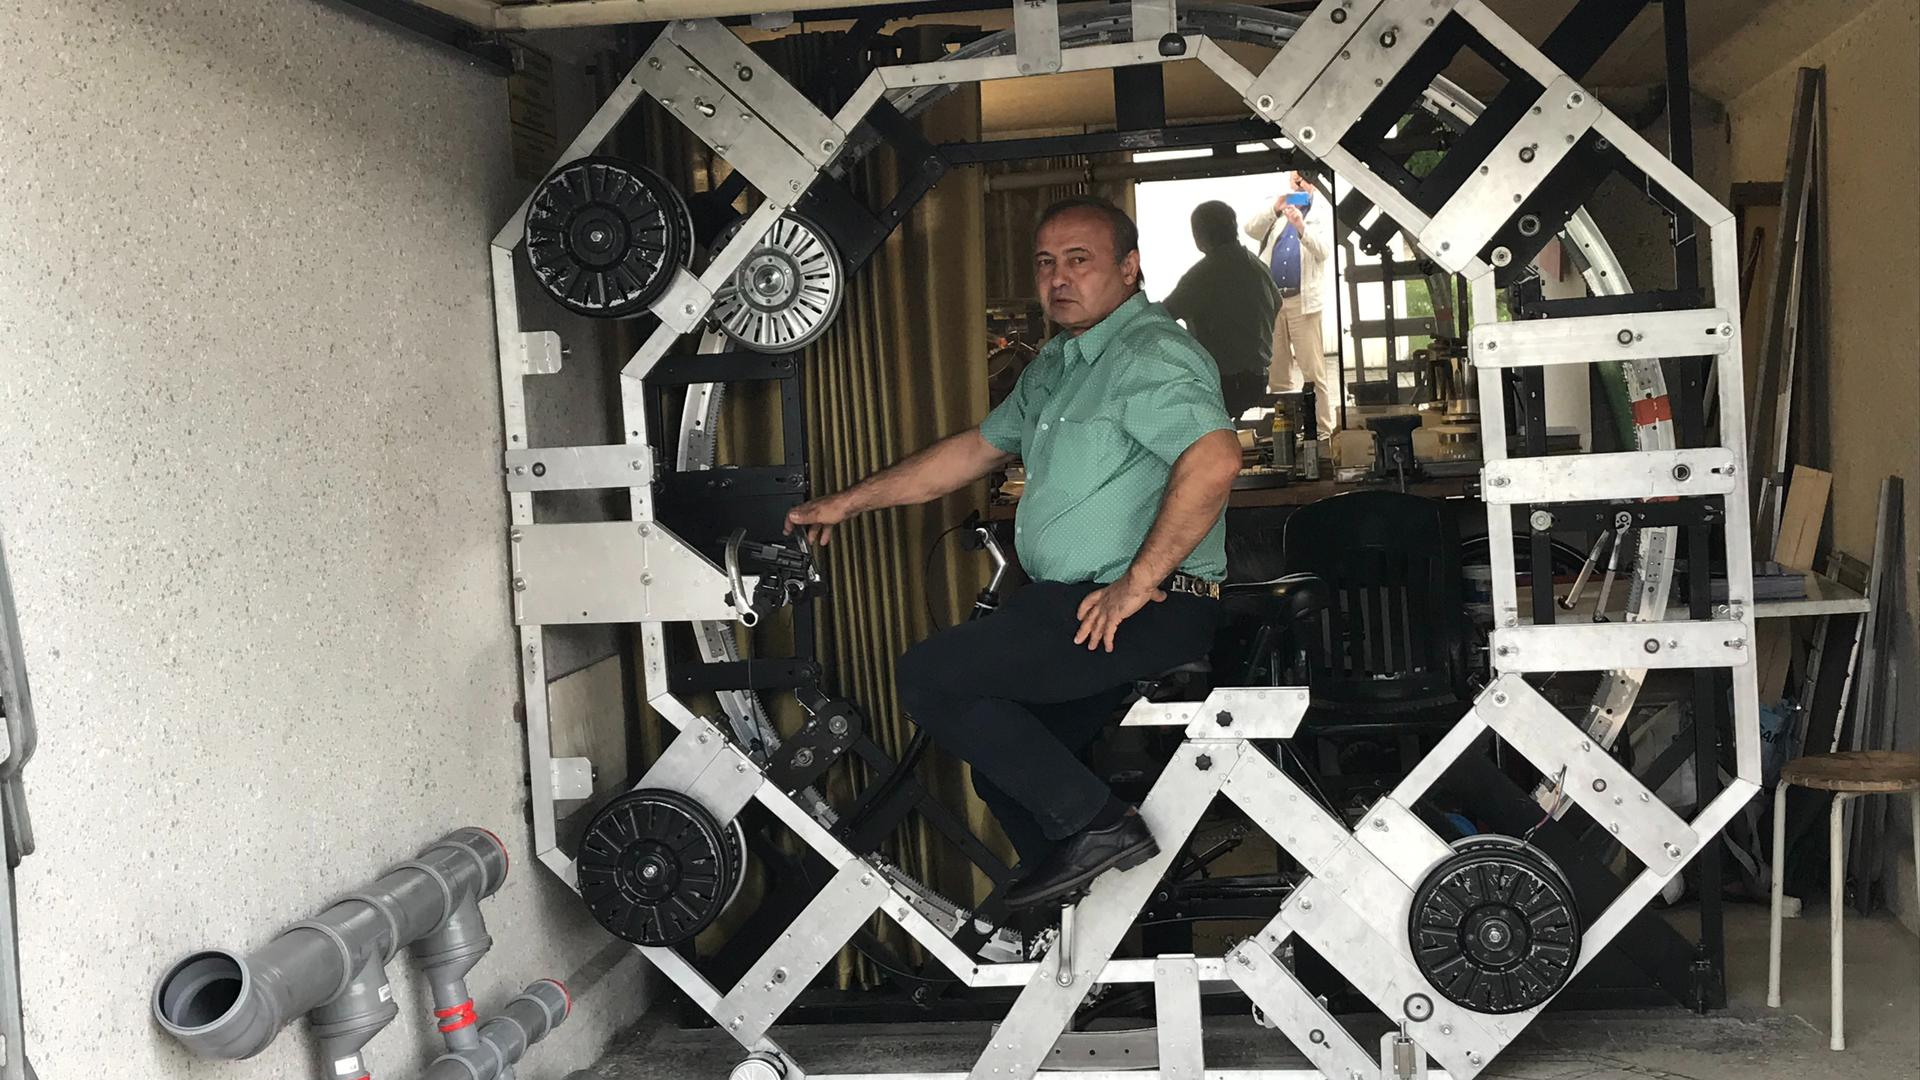 Mann, Maschine, Garage